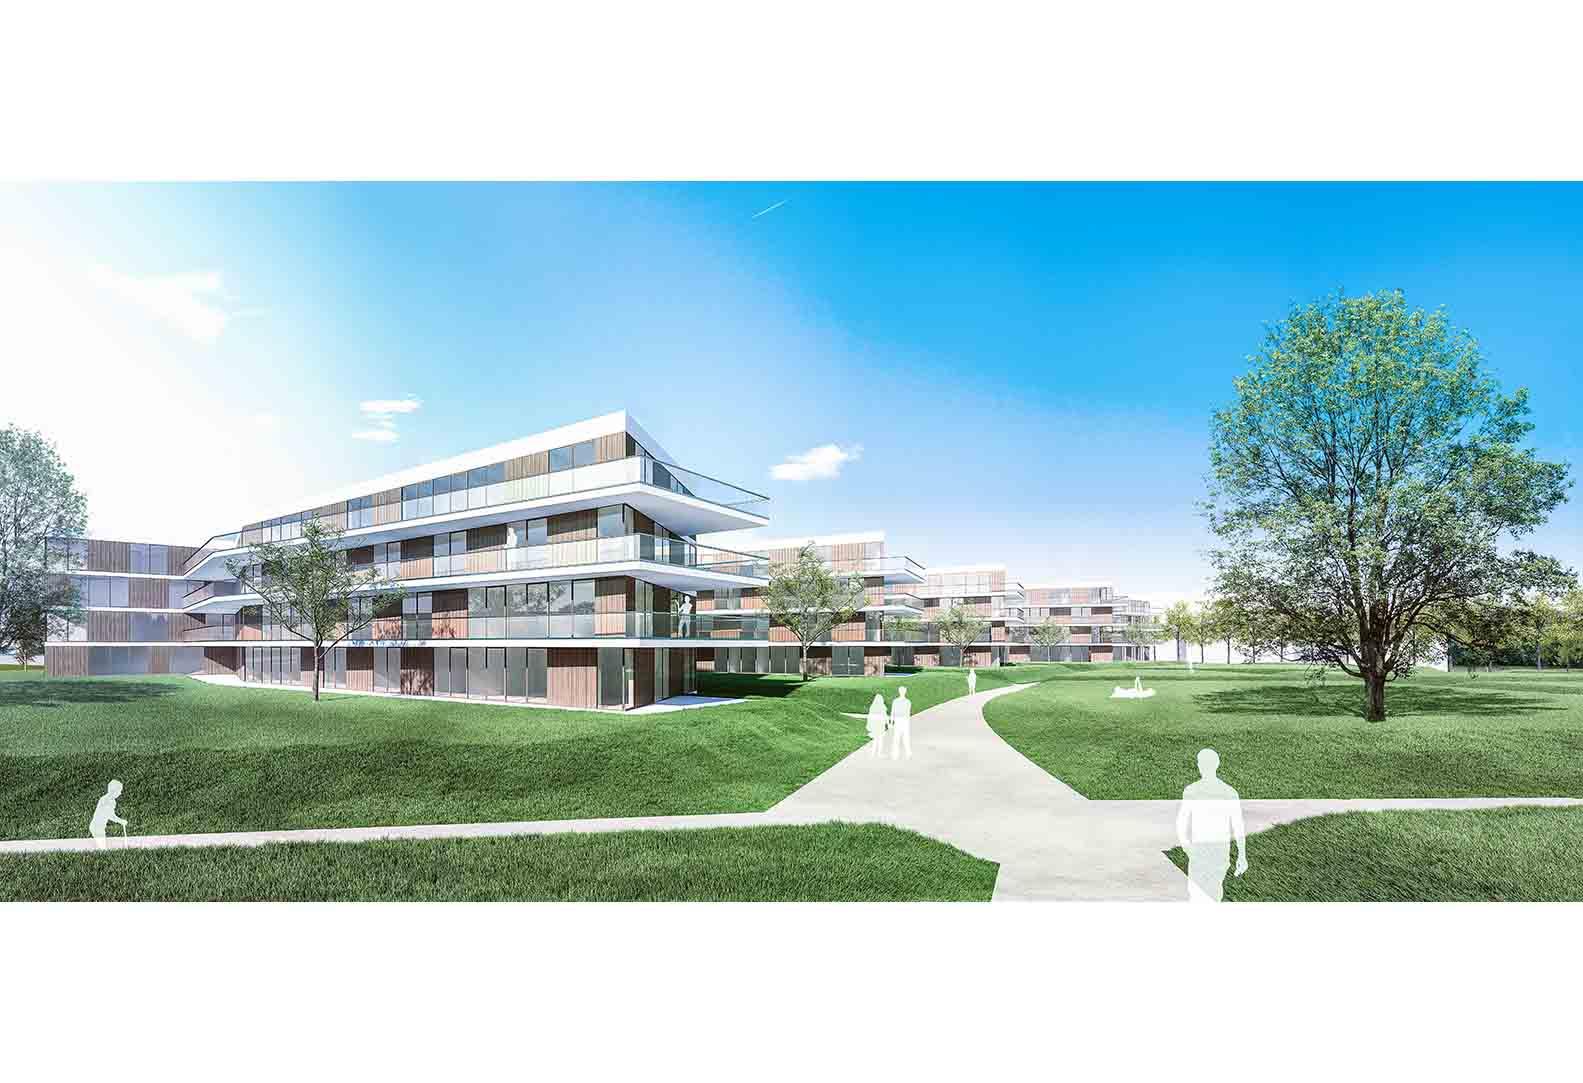 Wettbewerb - Wohnbau Stuttgart